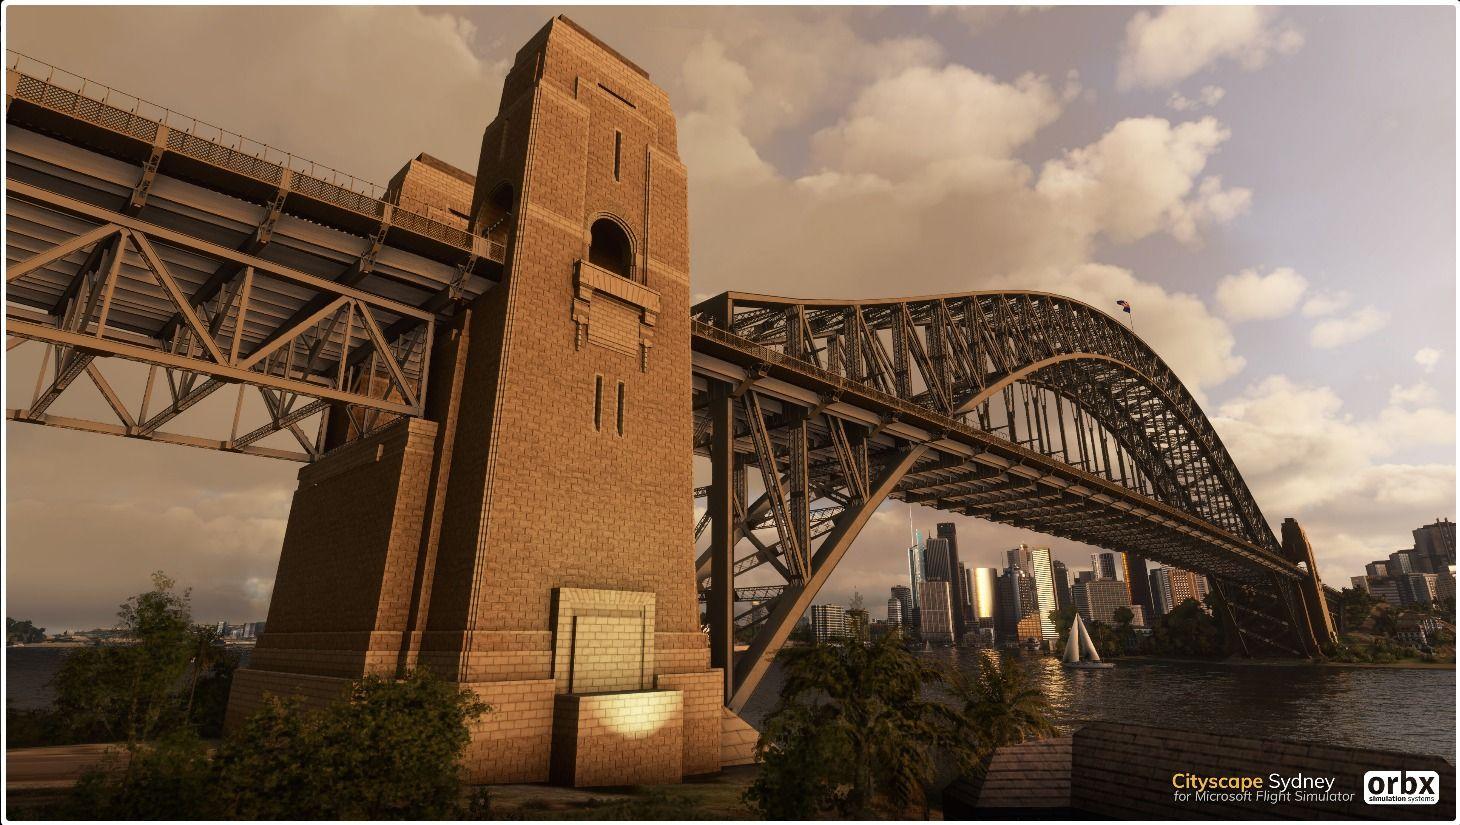 MSFS Cityscape Sydney